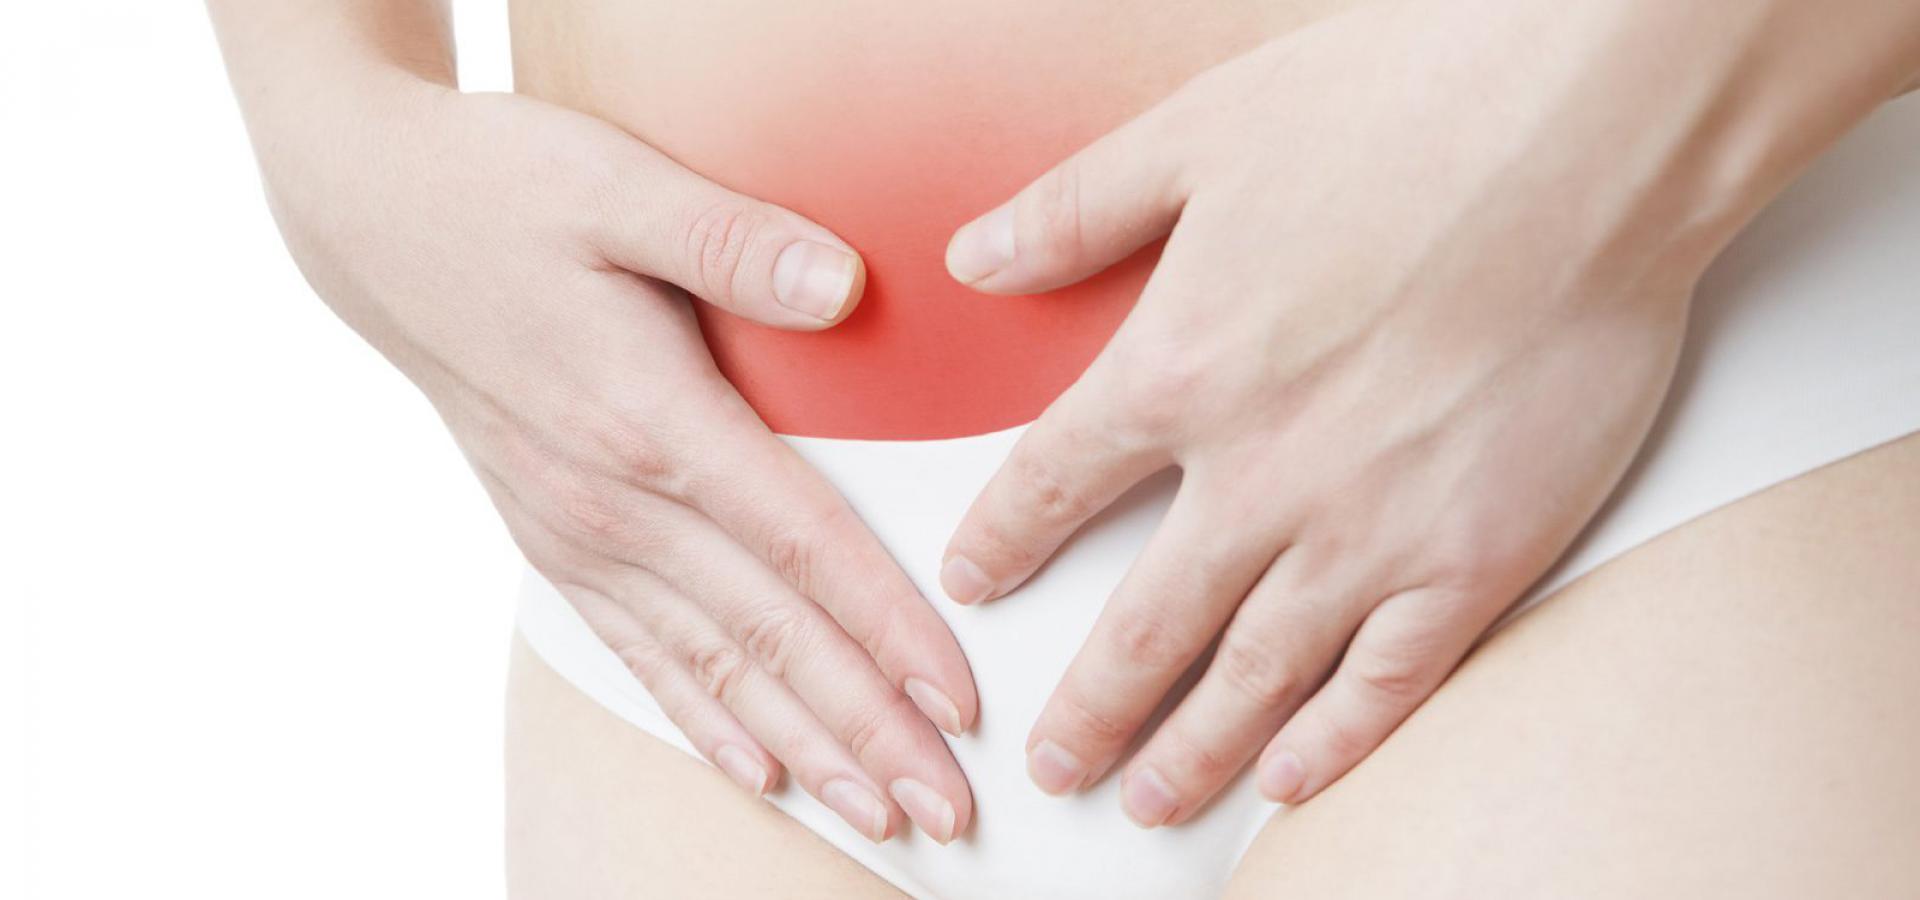 Придатки у мужчин и женщин — воспаления и их лечение